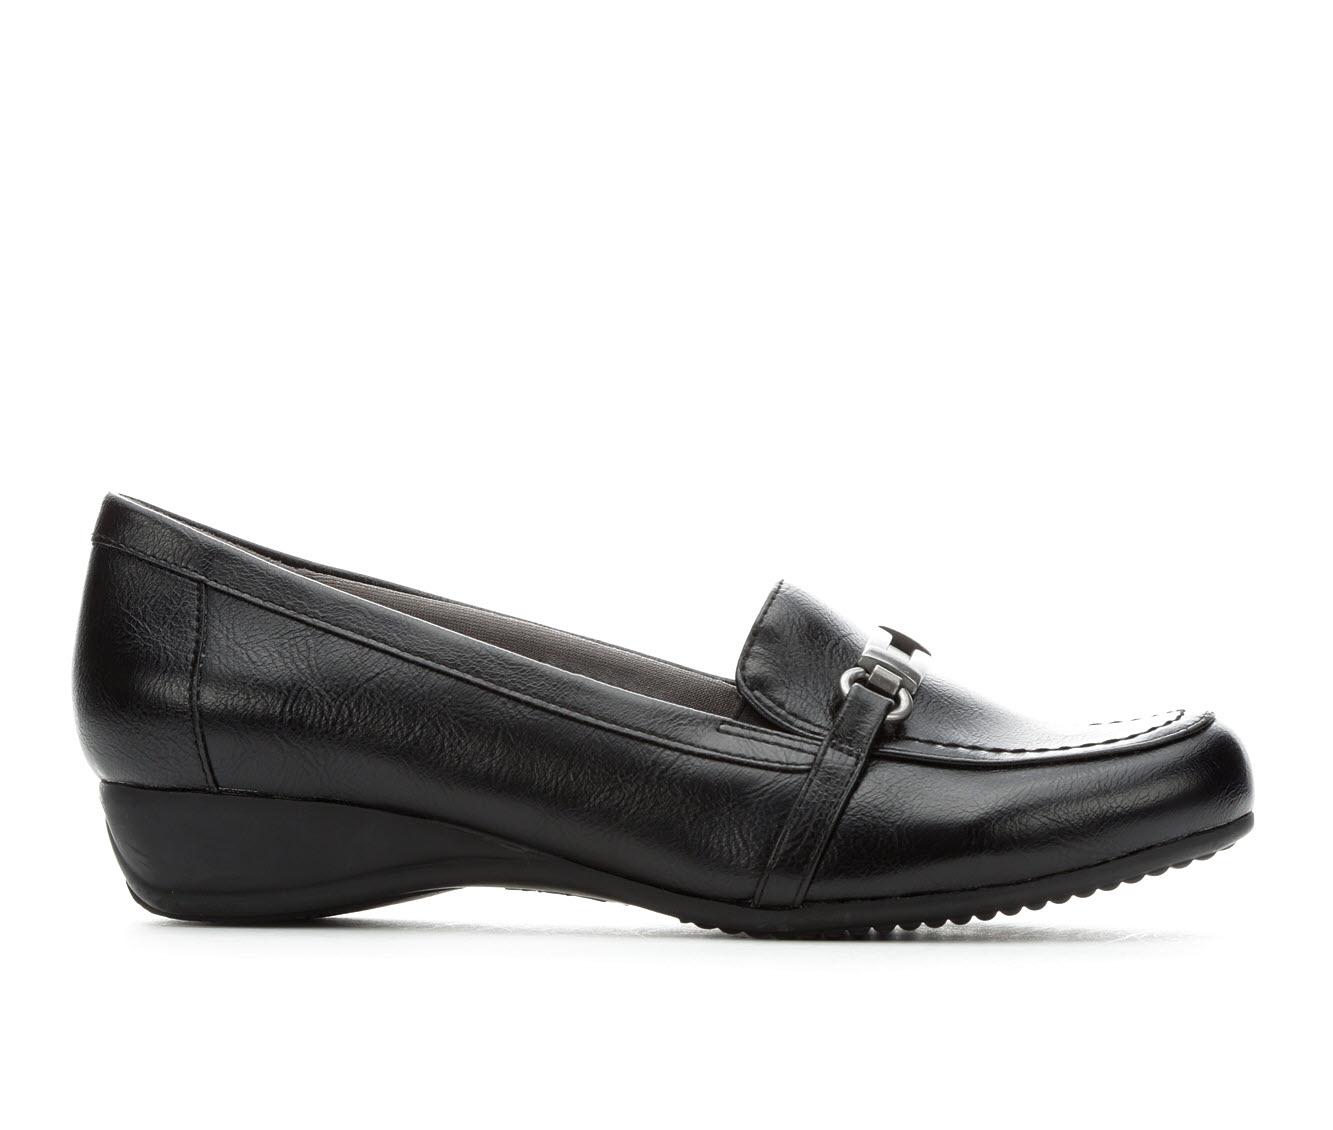 LifeStride Demure Women's Shoe (Black Faux Leather)